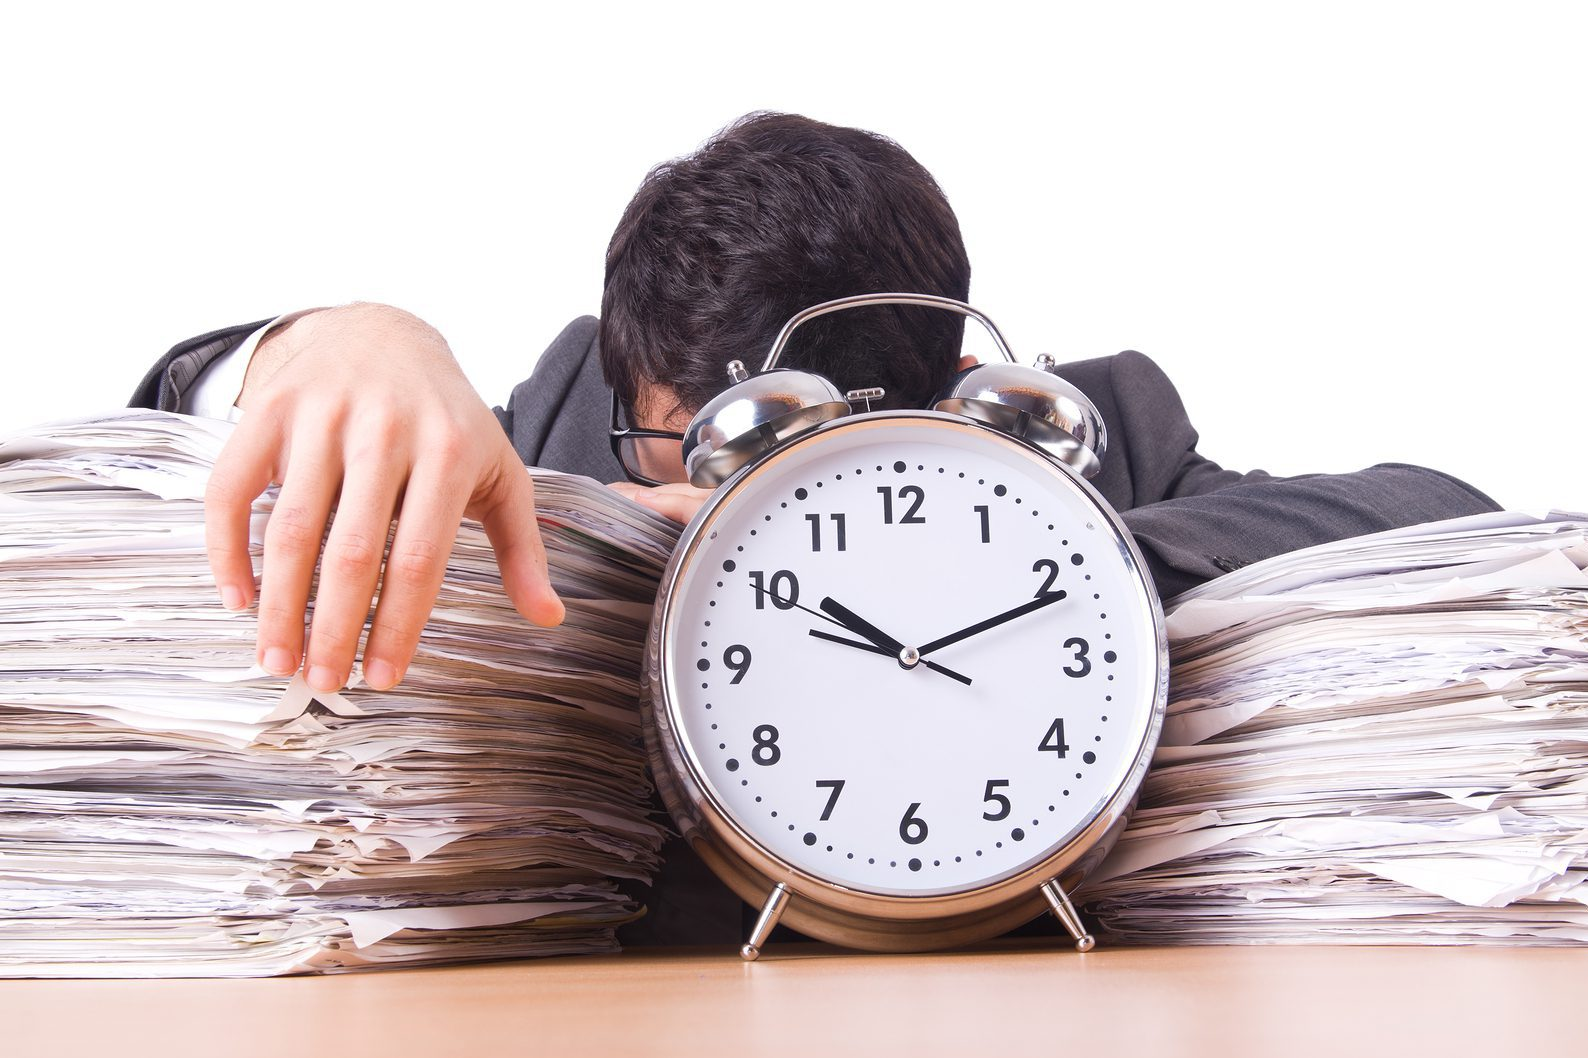 Timemanagement<br><br>